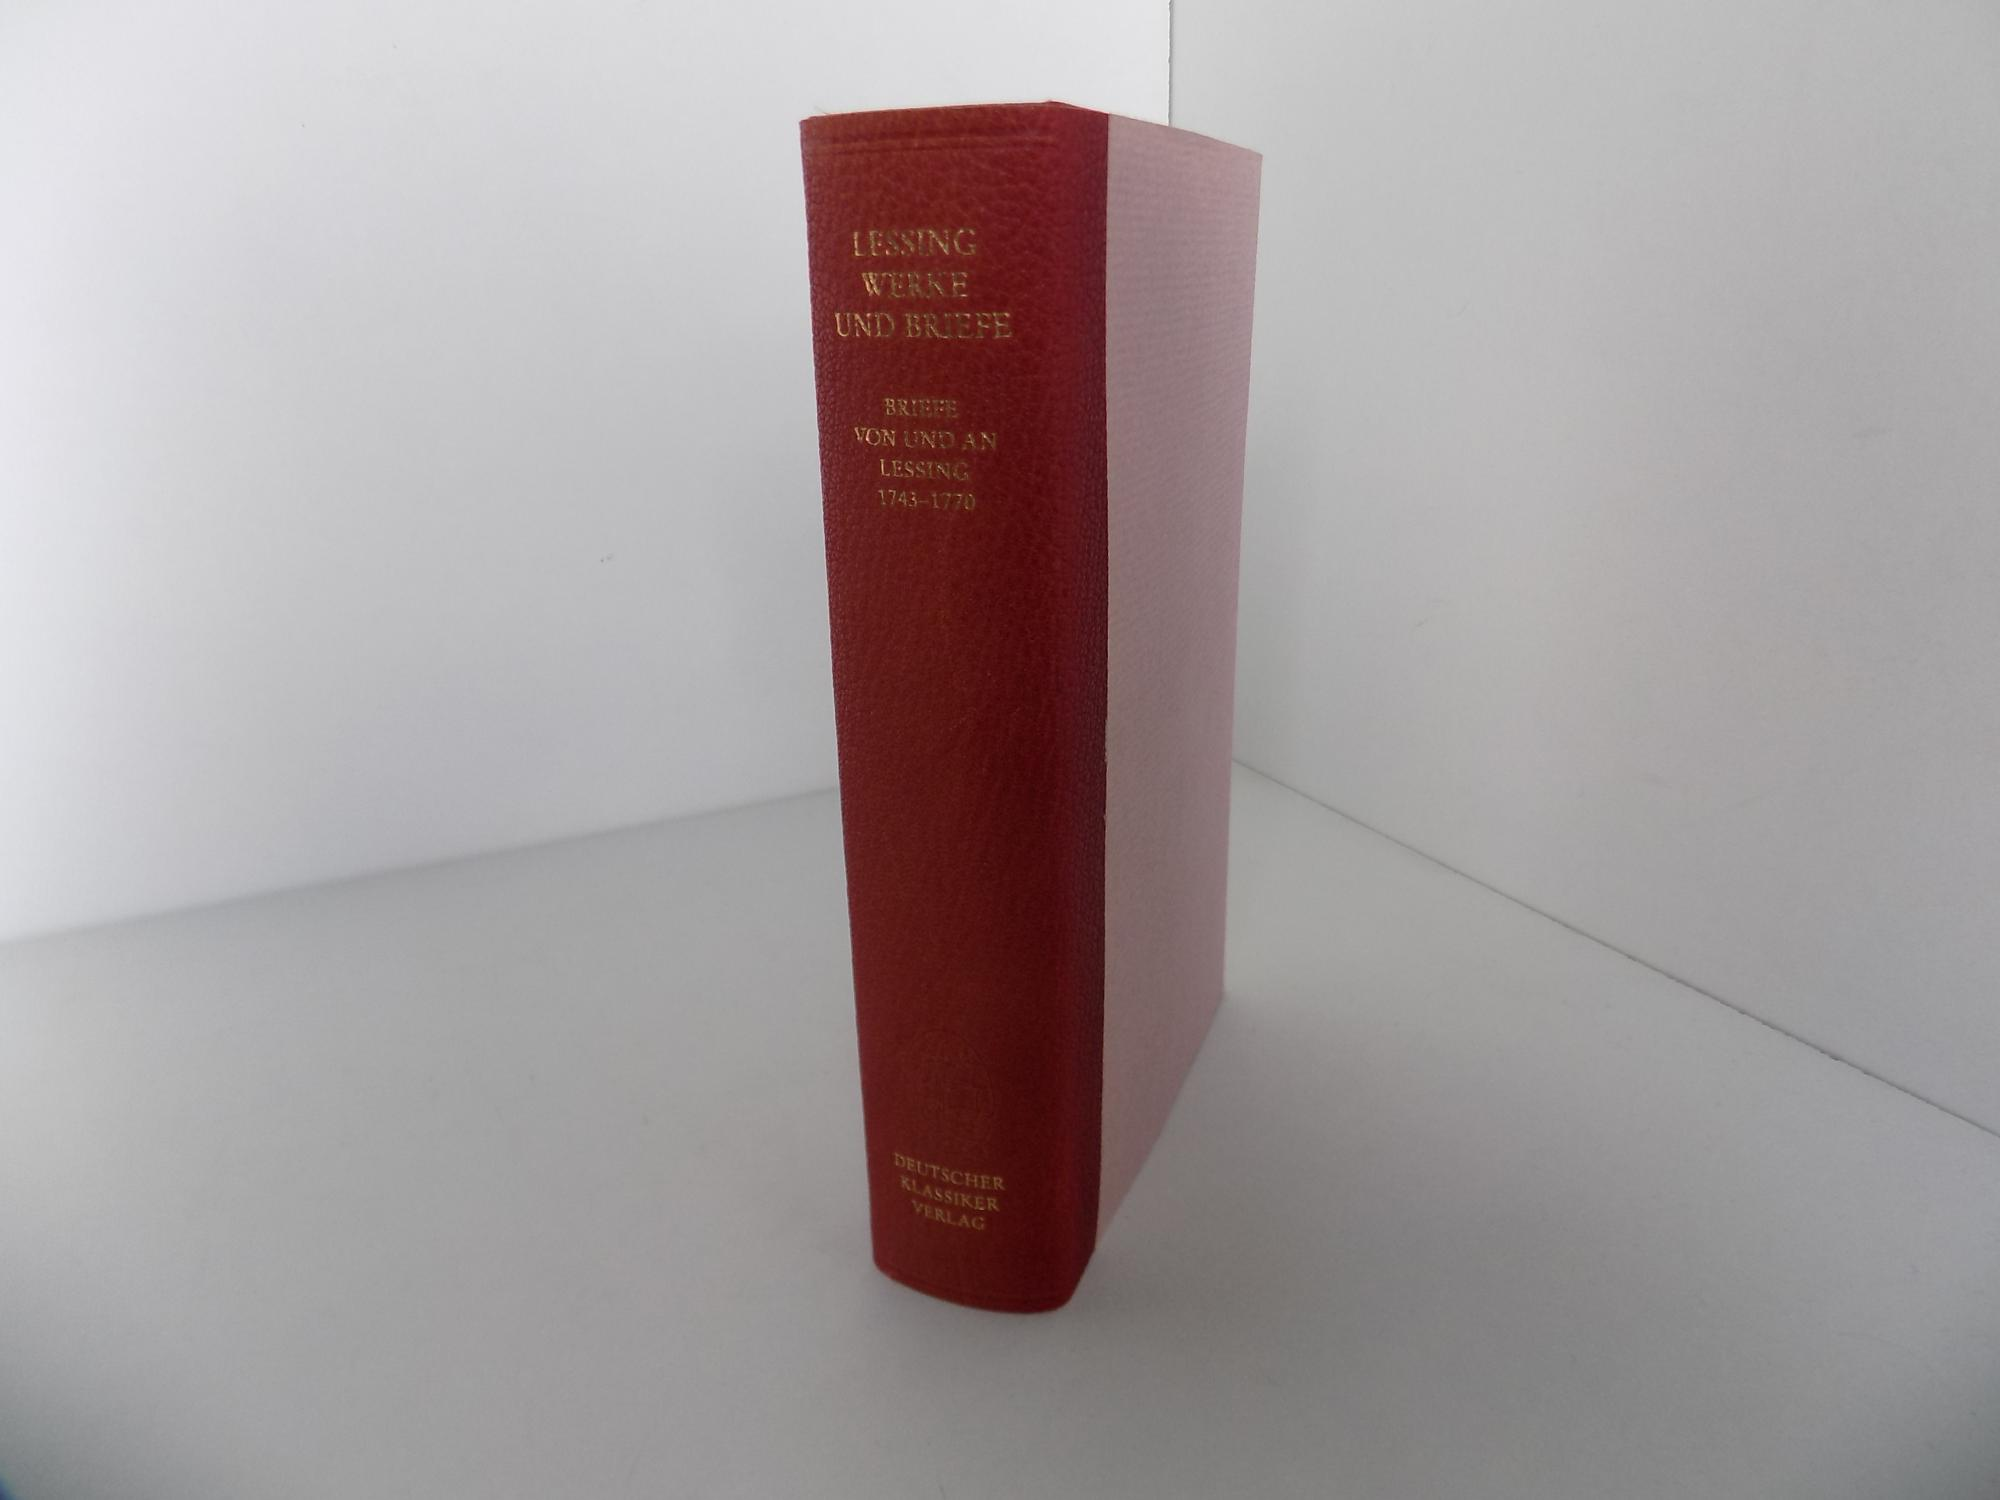 Lessing Werke Und Briefe In 12 Bänden : Lessings werke band von lessing erstausgabe zvab